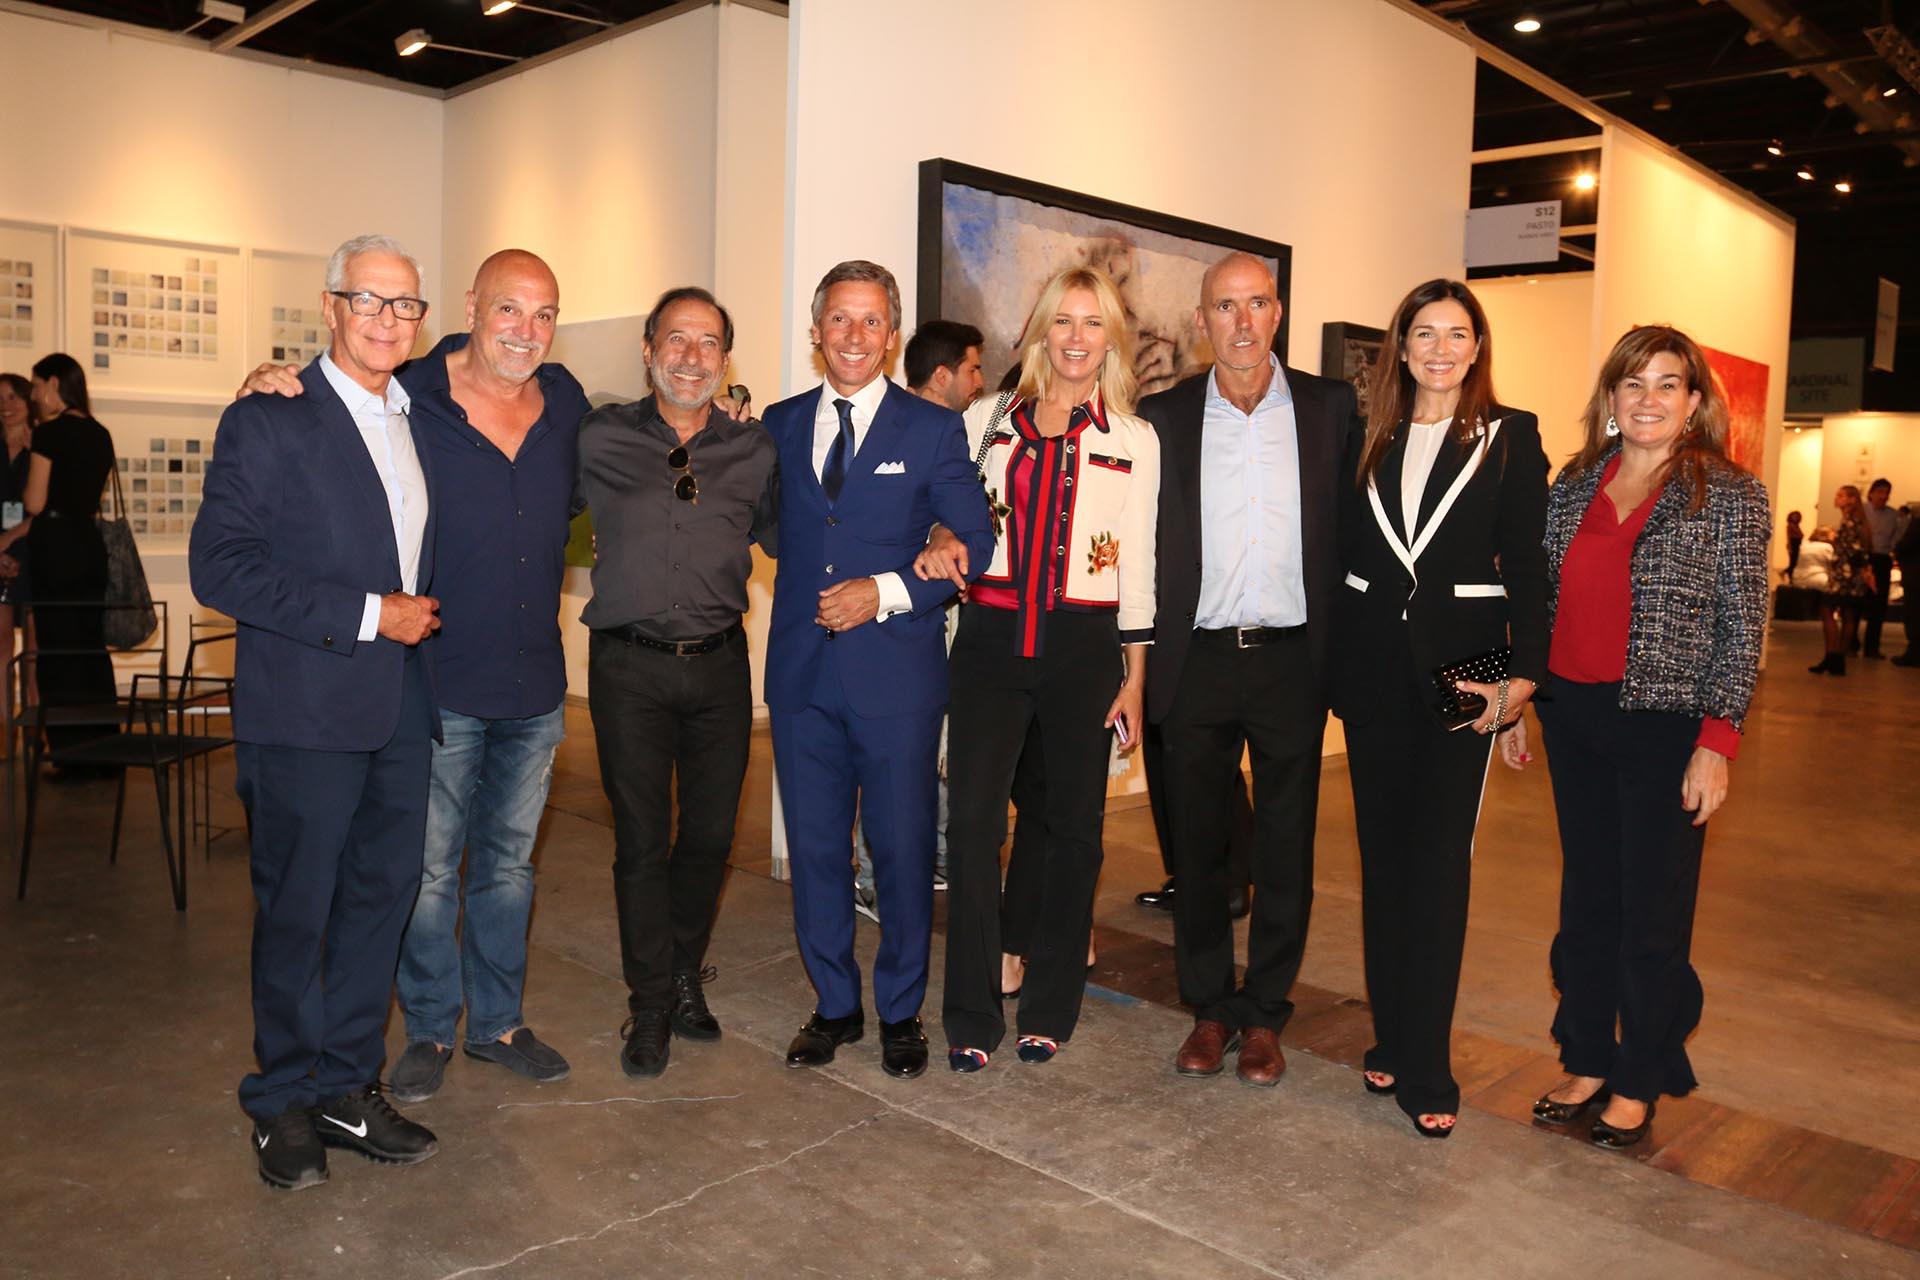 Eduardo Costantini, Guillermo Francella, Alejandro Gravier, Valeria Mazza, Ignacio Azumendi y Andrea Frigerio